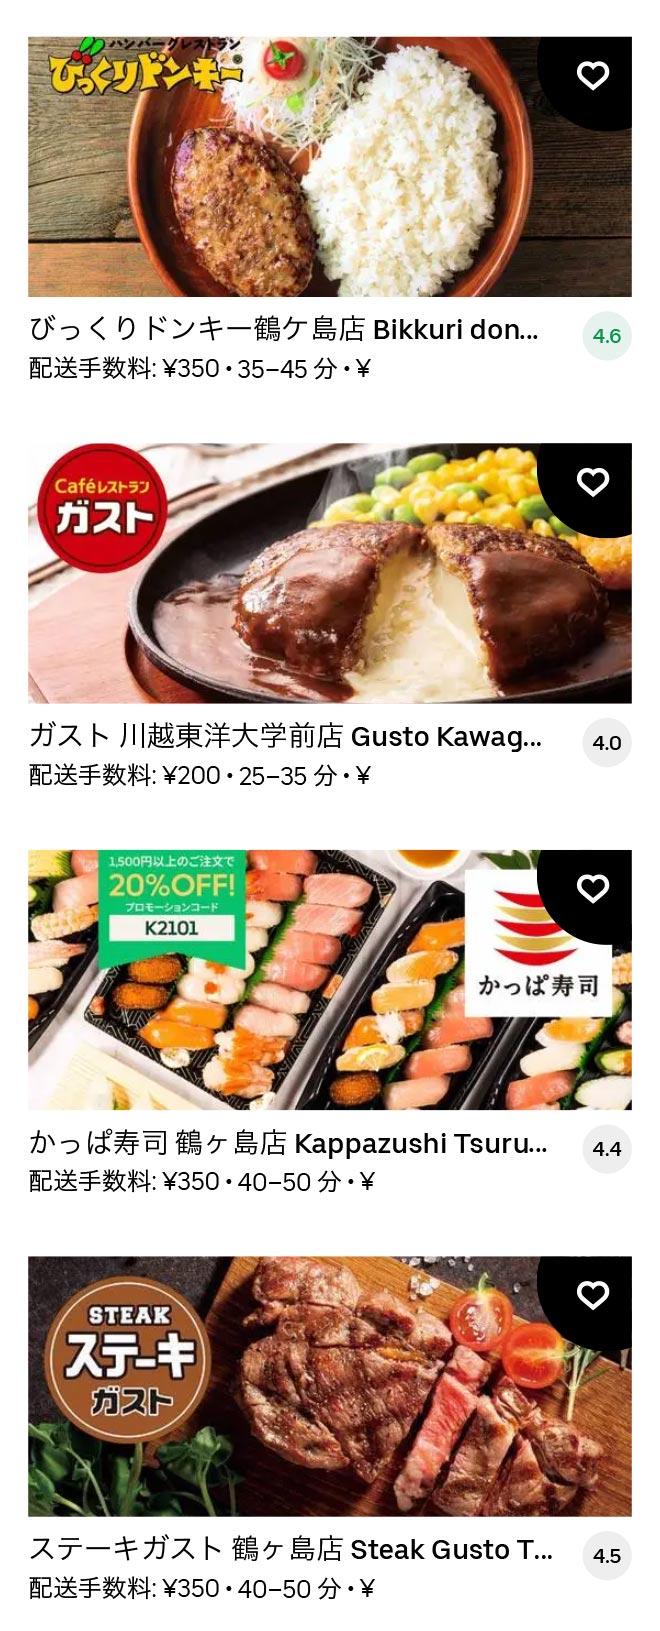 Tsurugashima menu 2101 06